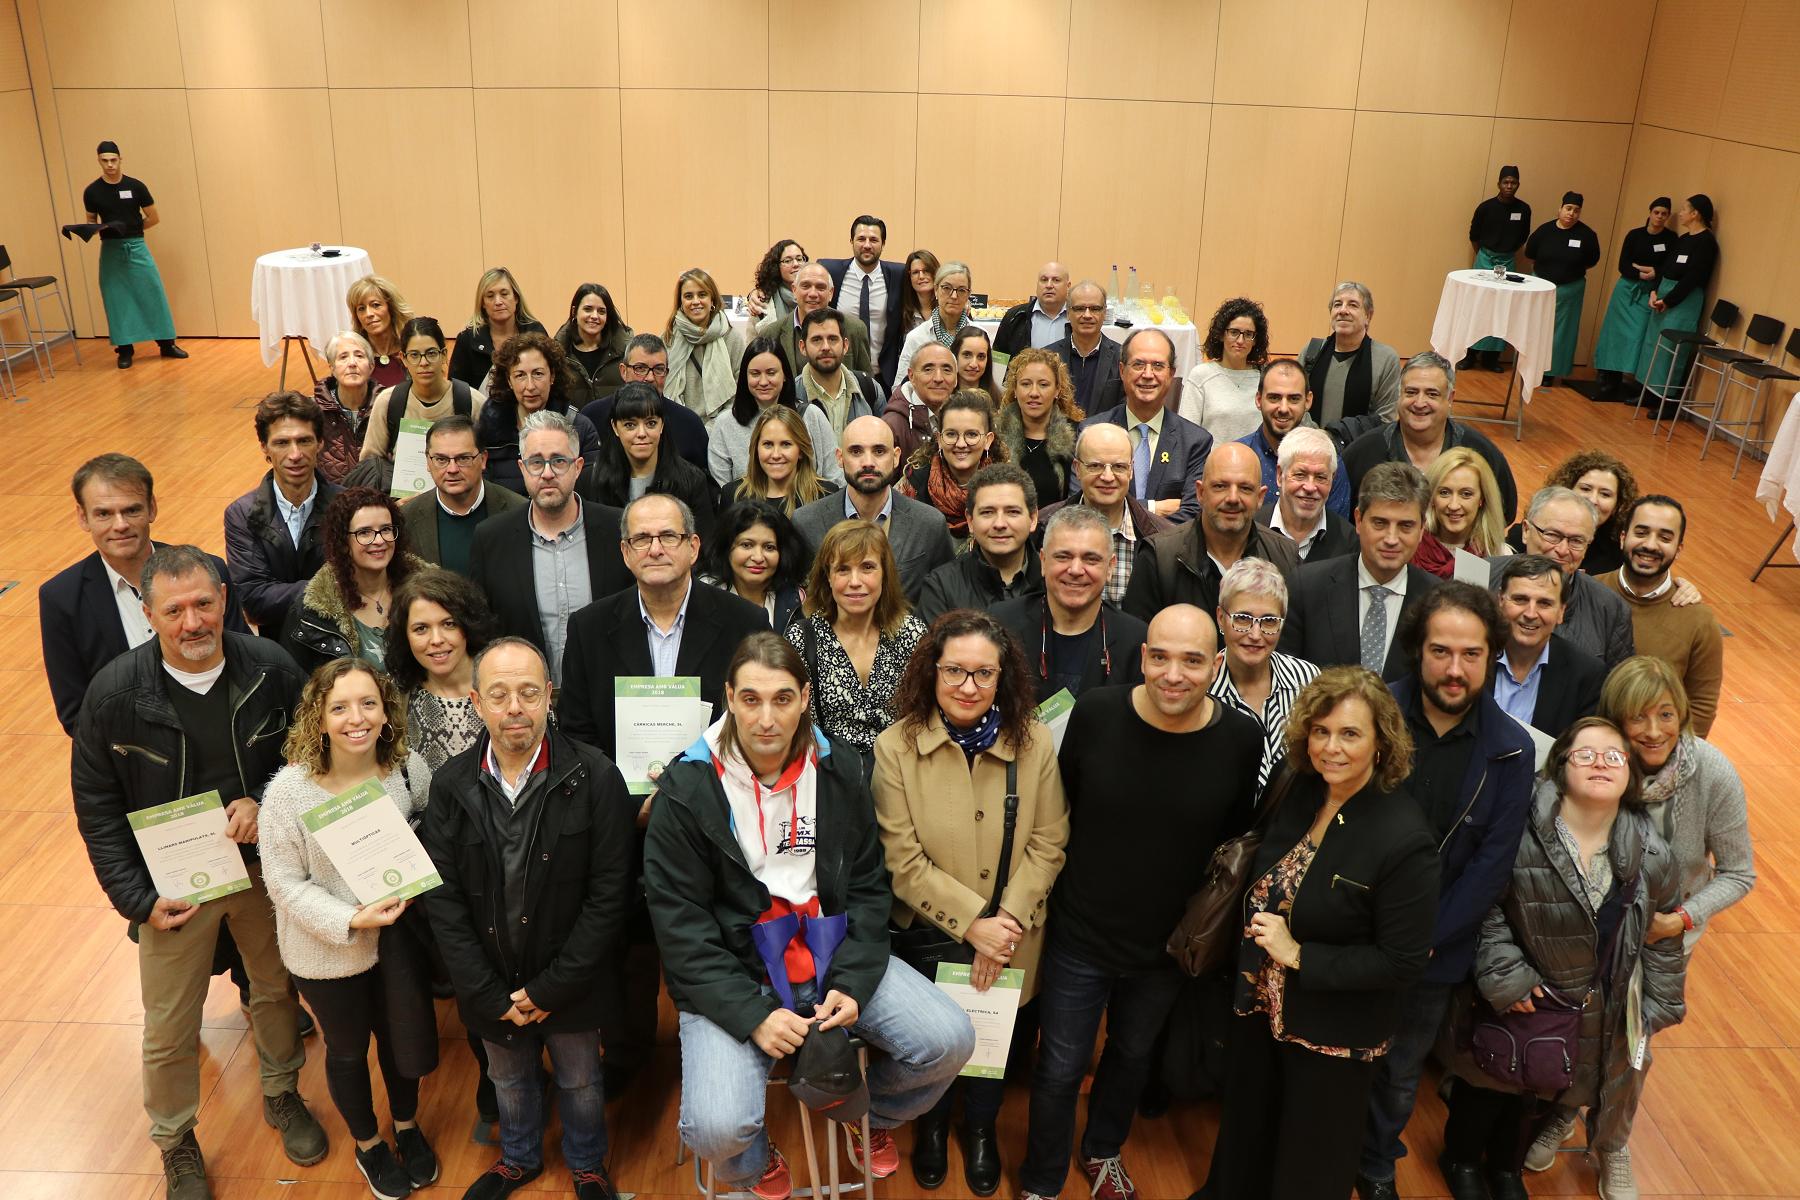 A la darrera edició, el novembre de 2018, van participar-hi prop d'un centenar de persones, entre empresaris, polítics, i persones vinculades a les entitats.